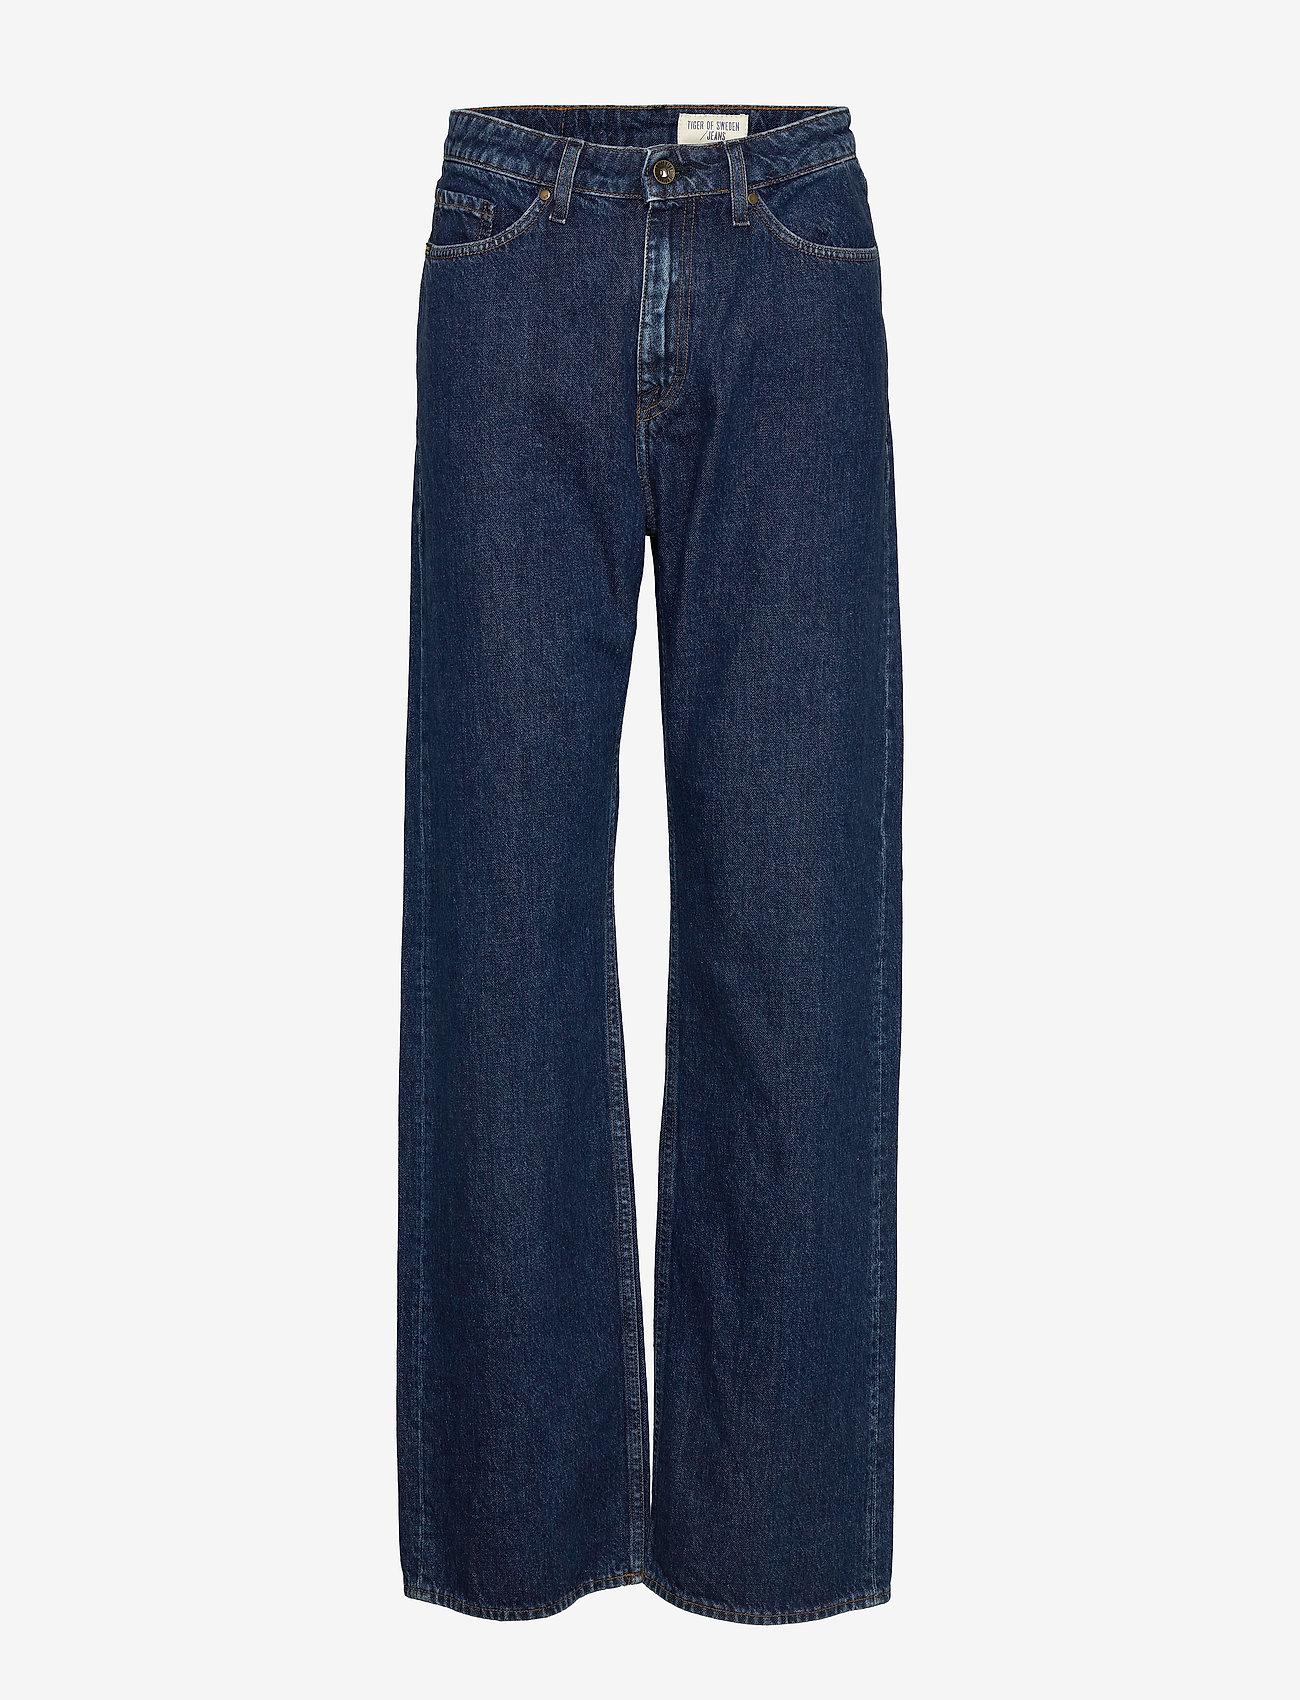 Tiger of Sweden Jeans - LORE - broeken met wijde pijpen - royal blue - 0